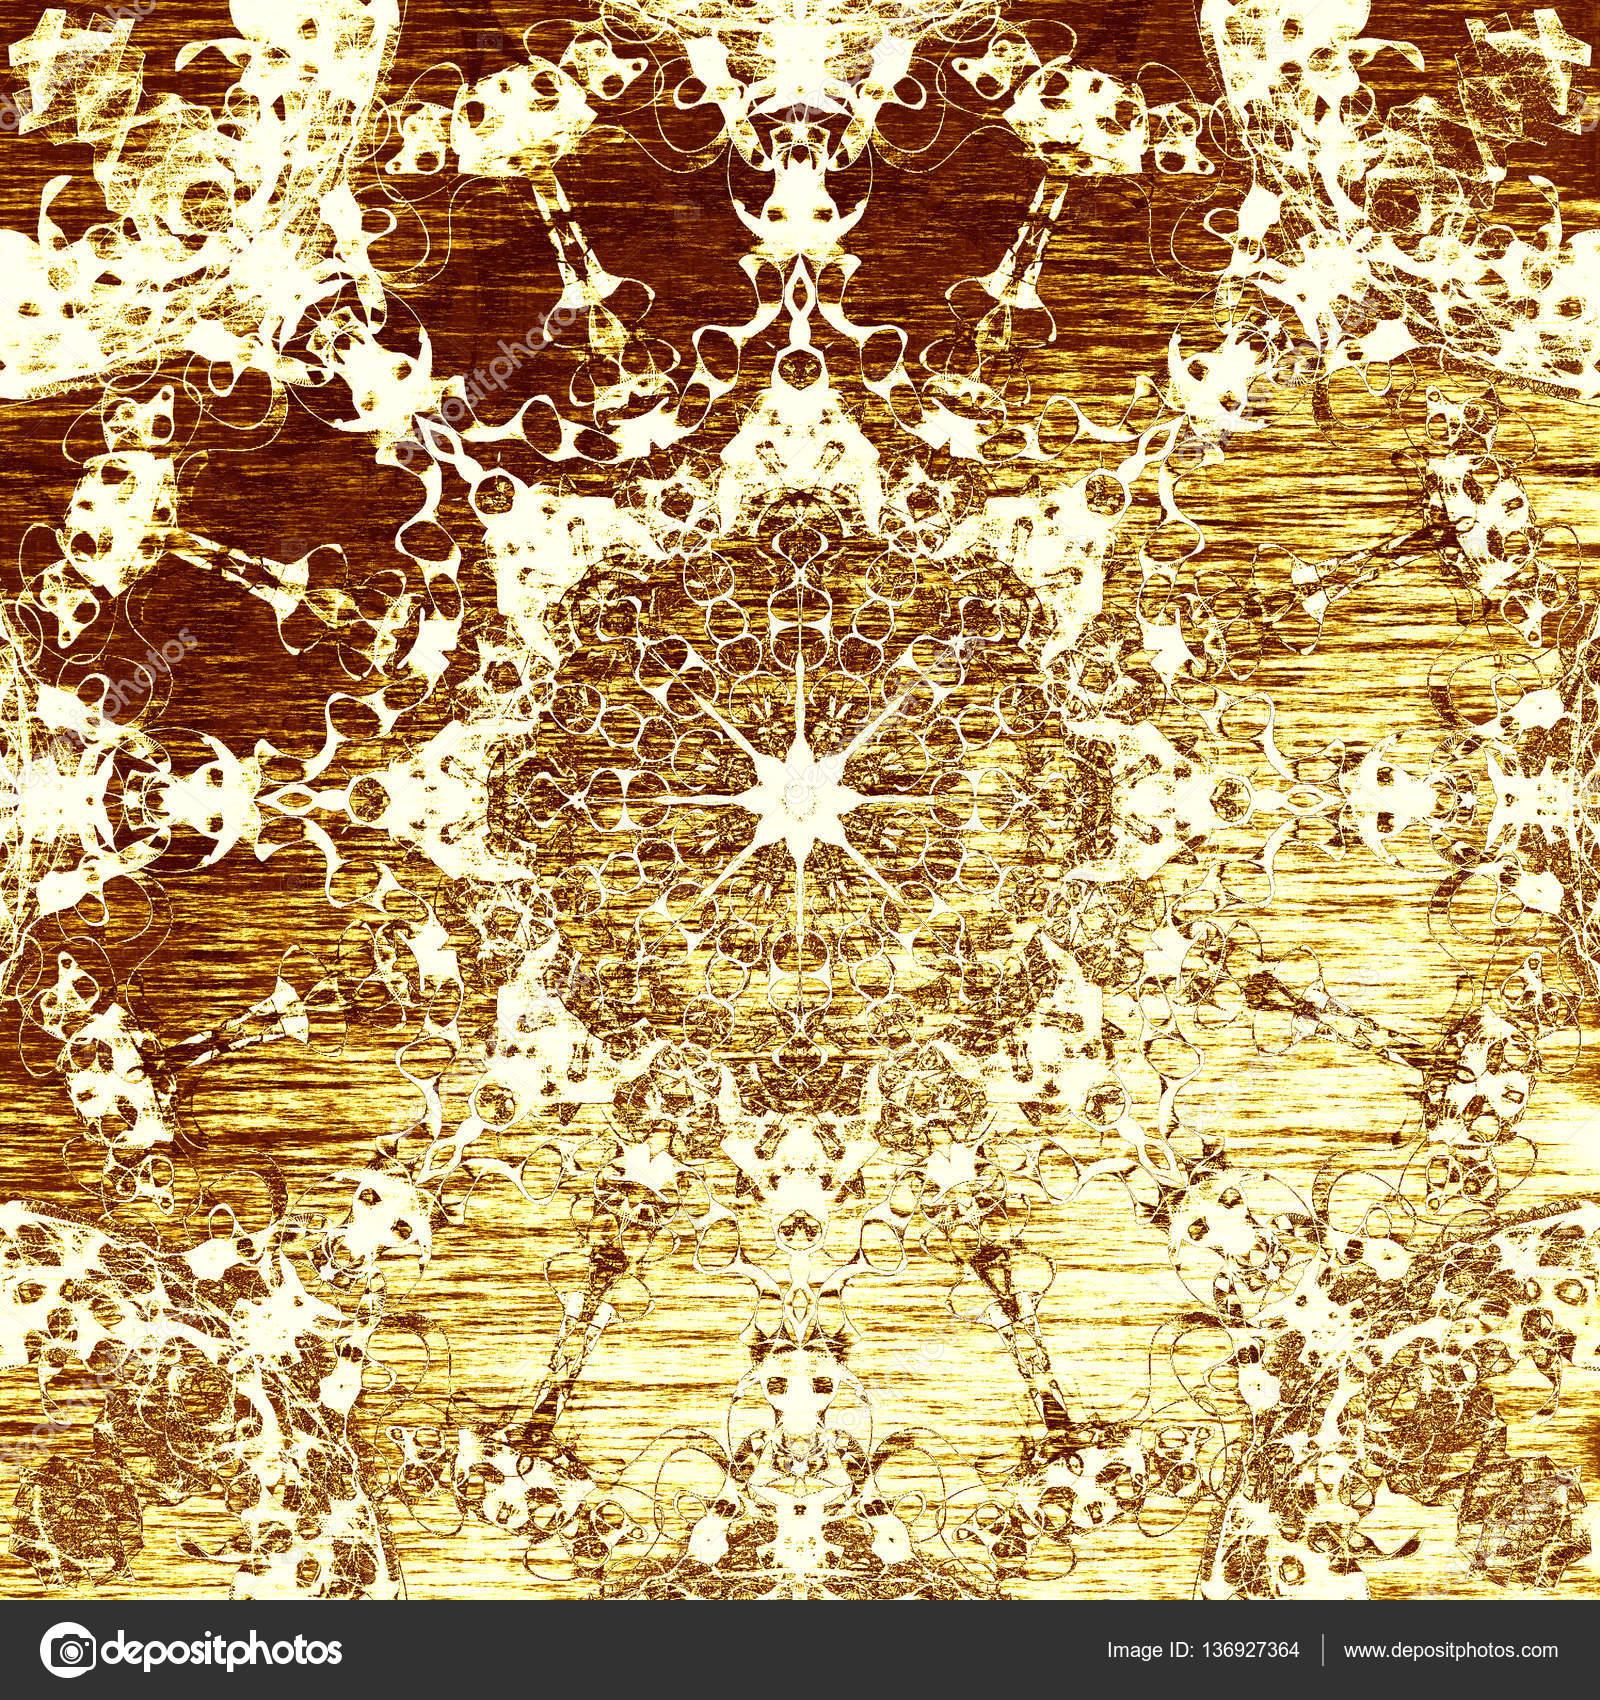 goldene weihnachten muster metallische orientalische kreis mit traditionellen stammes elemente elegante luxus textur fr tapeten werbung seitenfllung - Tapete Orientalisches Muster